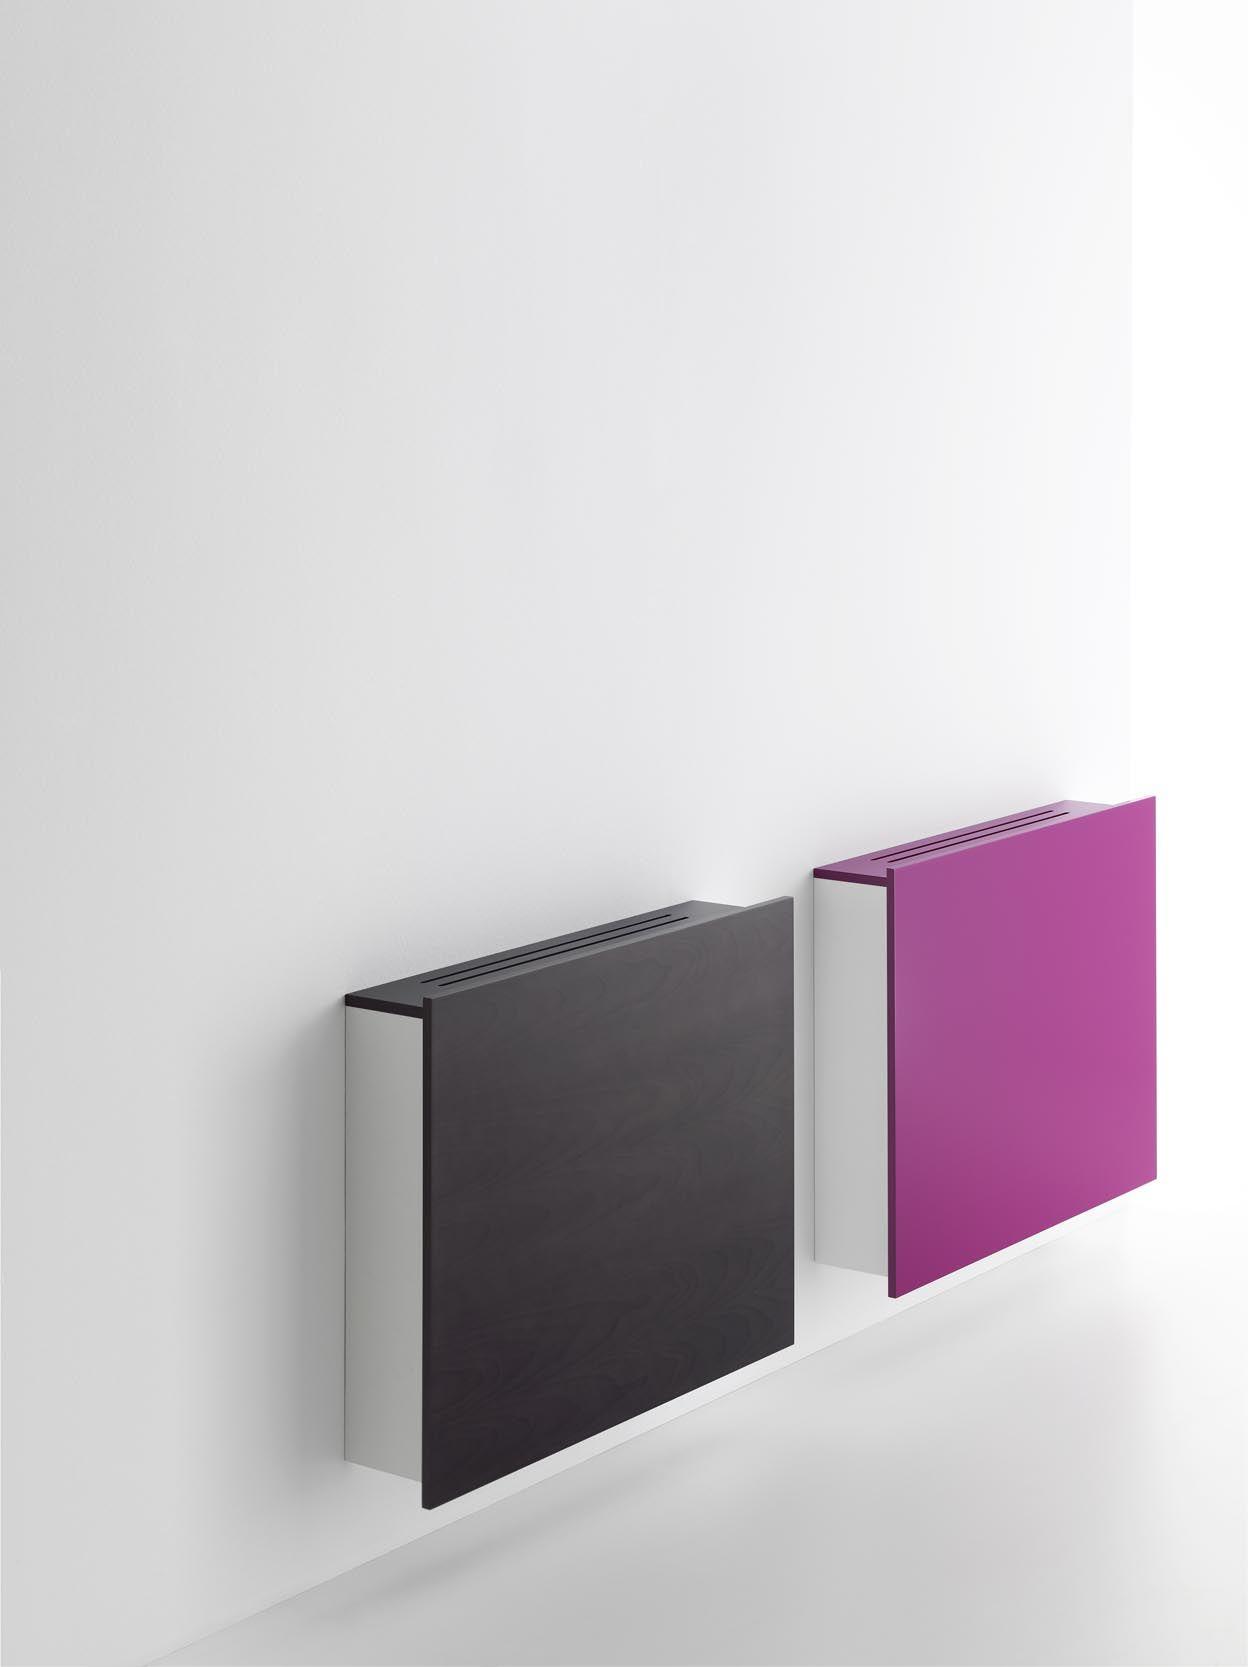 Pin By David Meneces On Tv Moderno: Fotografía Cubre Radiadores #fotografia #muebles